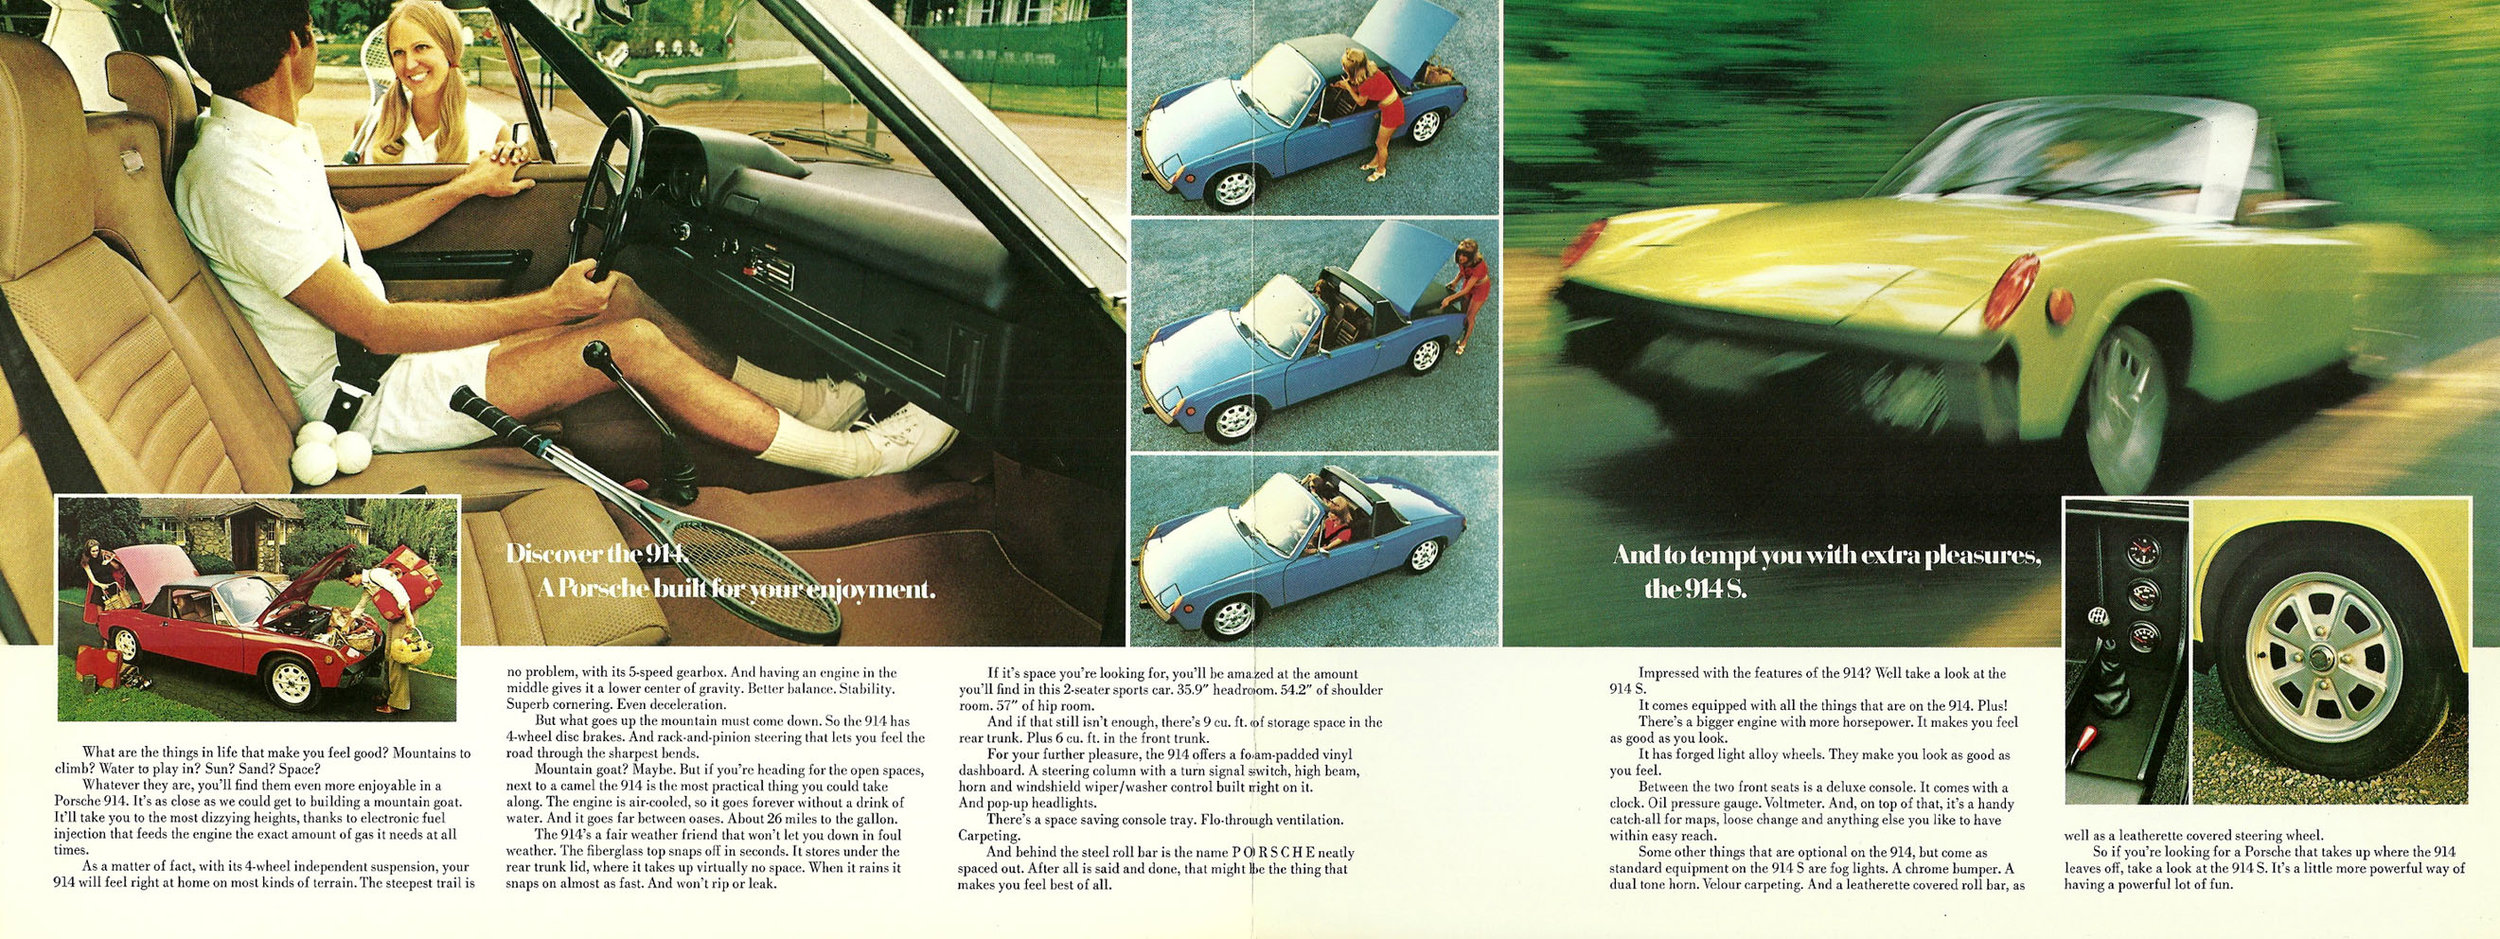 TunnelRam_Porsche 914 (8).jpg